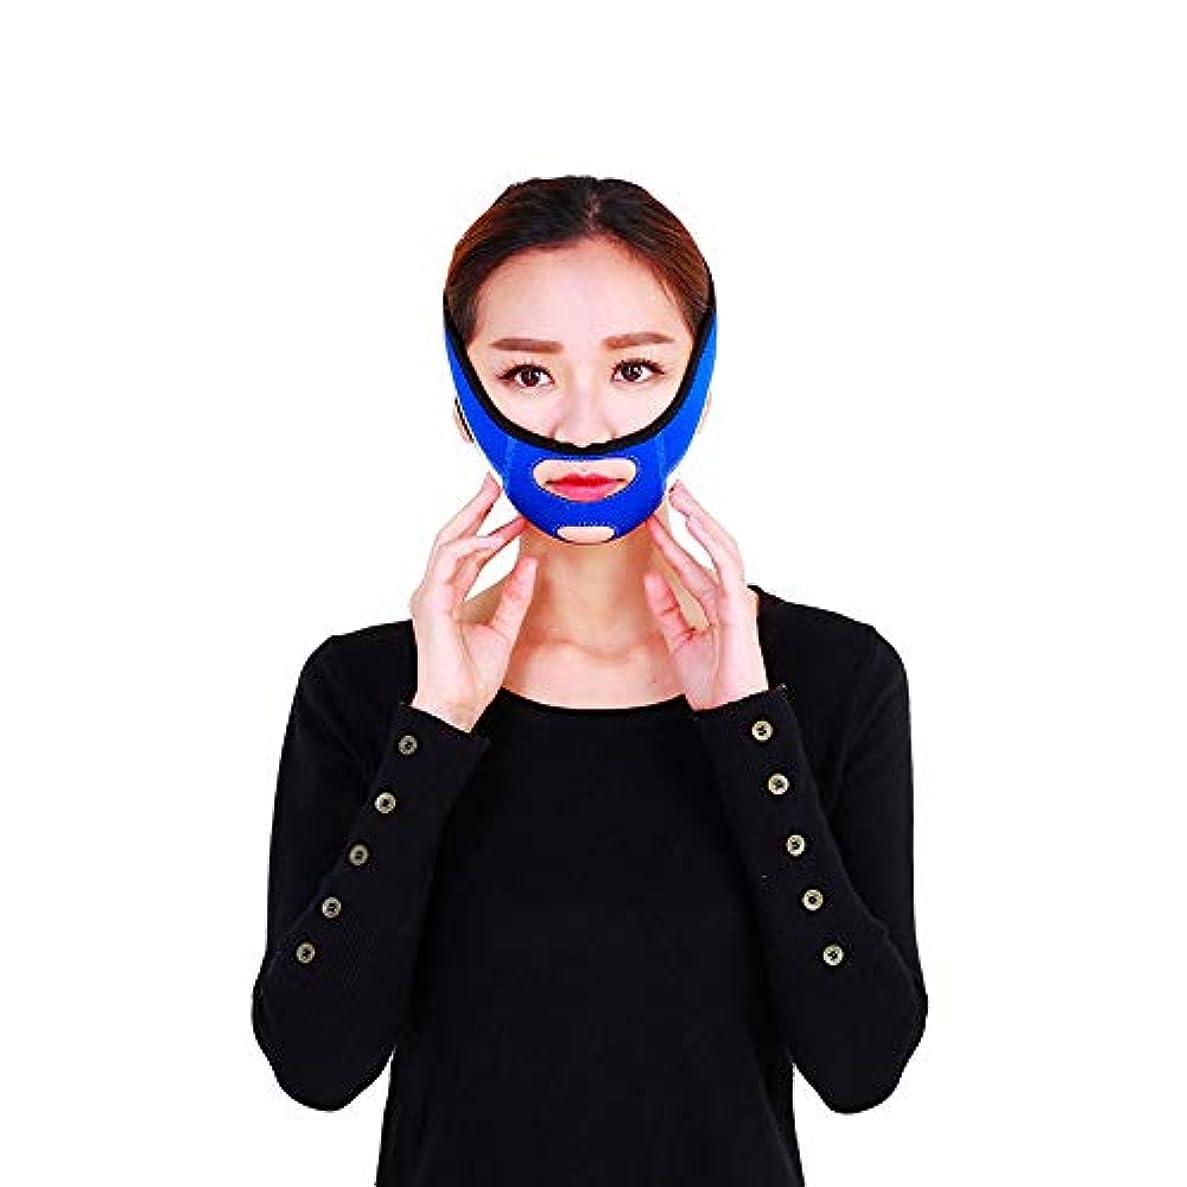 勝利折り目四半期XINGZHE フェイシャルリフティング痩身ベルトフェーススリム二重あごを取り除くアンチエイジングリンクルフェイス包帯マスク整形マスクが顔を引き締める フェイスリフティングベルト